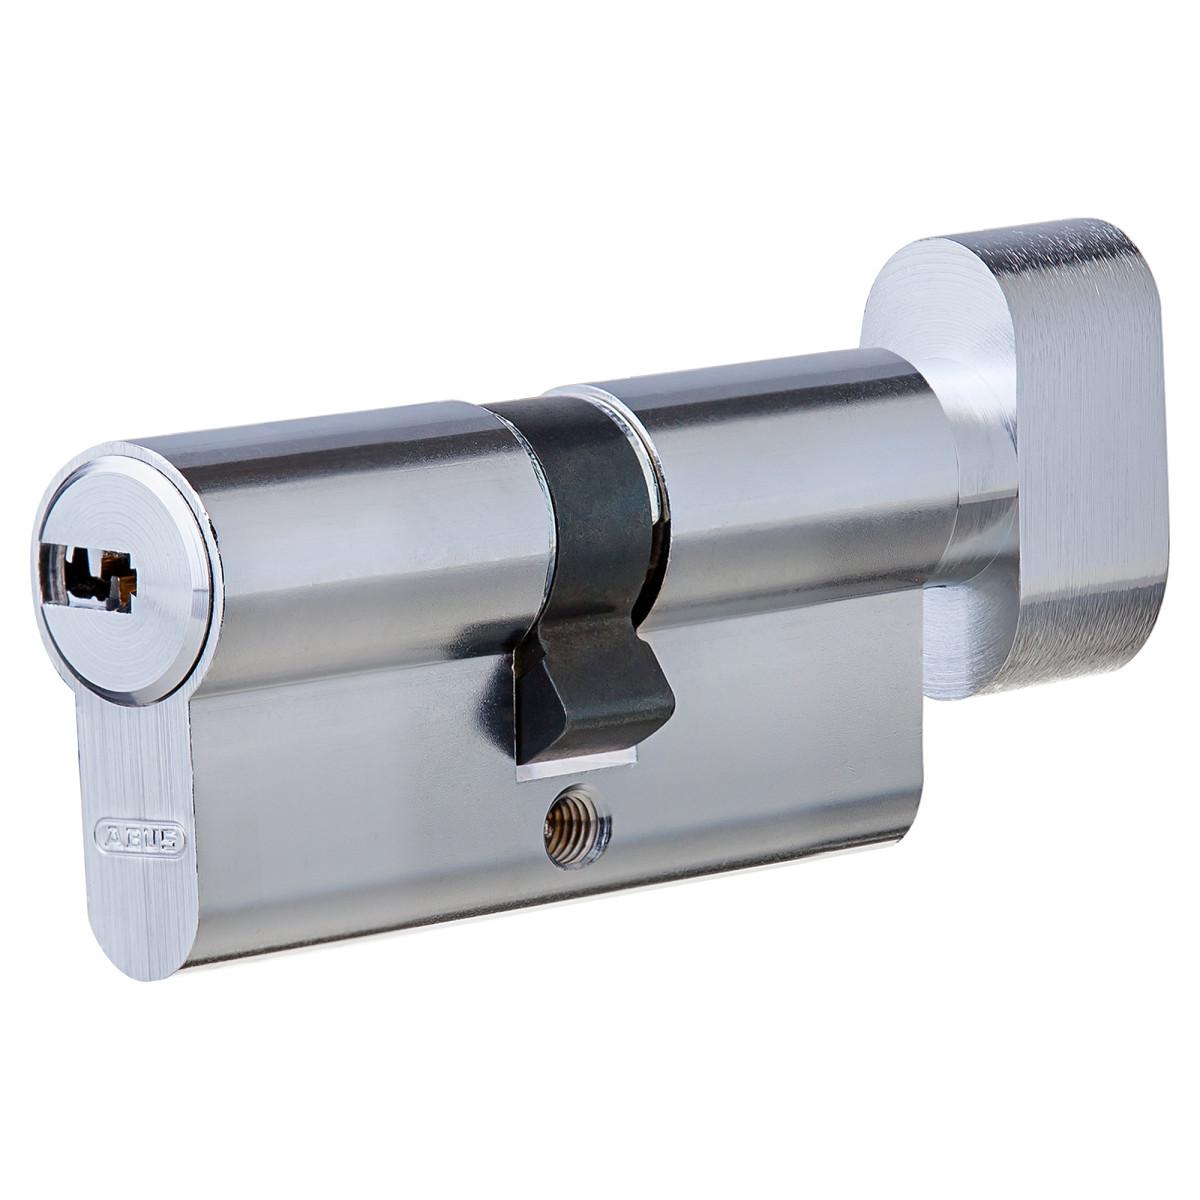 Цилиндр Abus 30х30 мм ключ/вертушка цвет никель